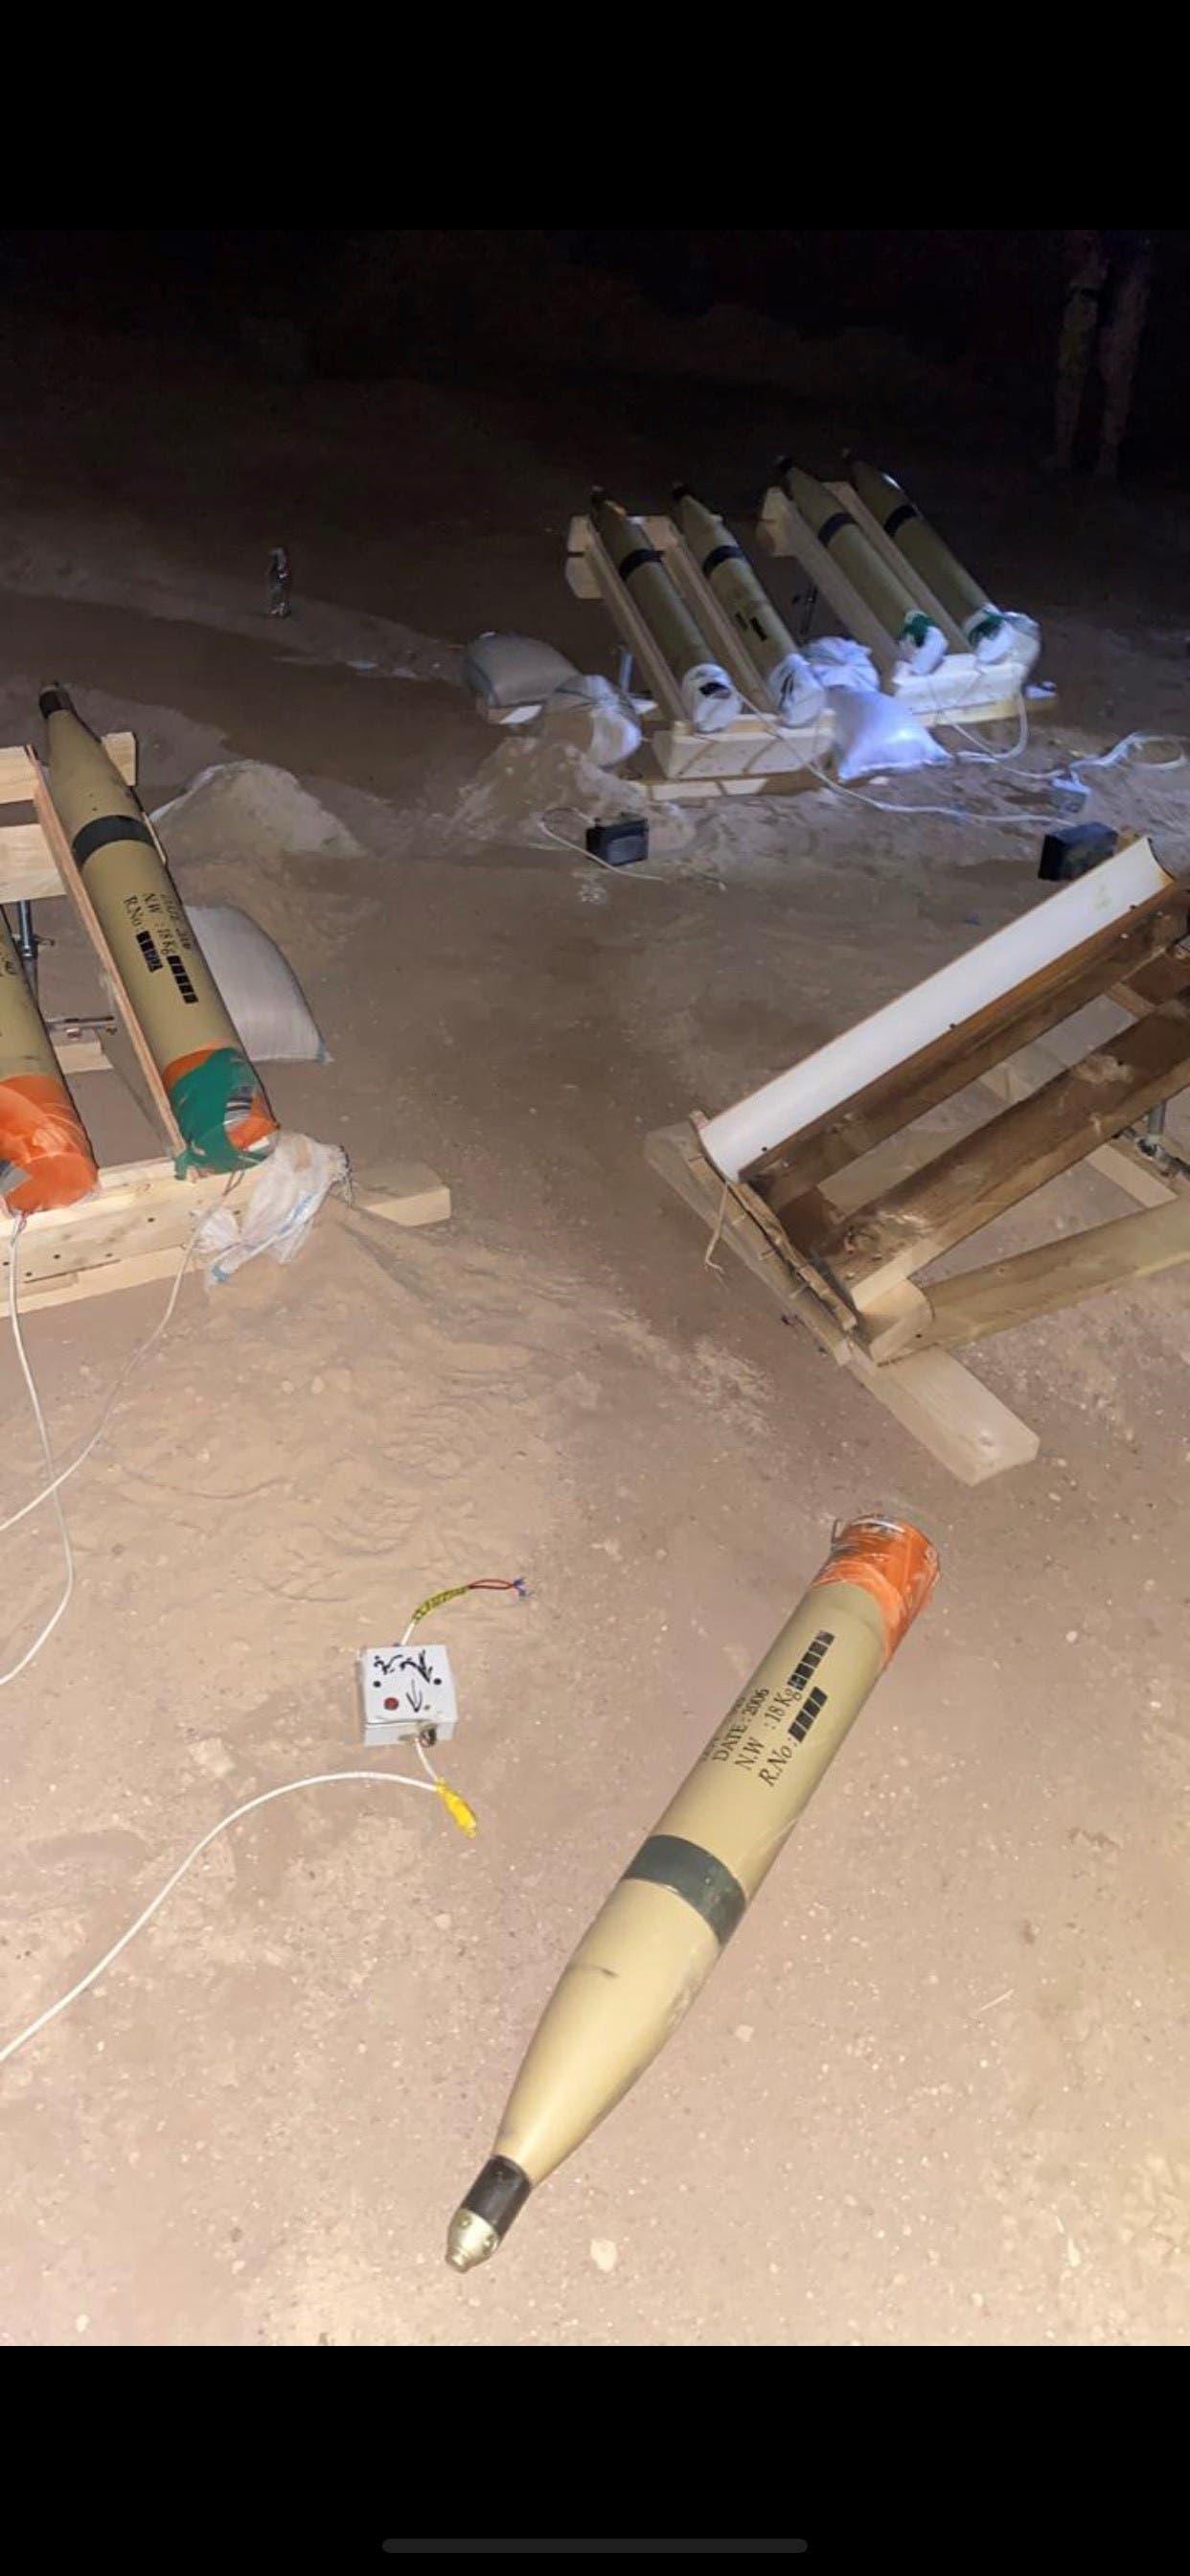 صواريخ كاتيوشا تم ضبطها وسط بغداد مُعدّة لاستهداف السفارة الأميركية (أرشيفية)